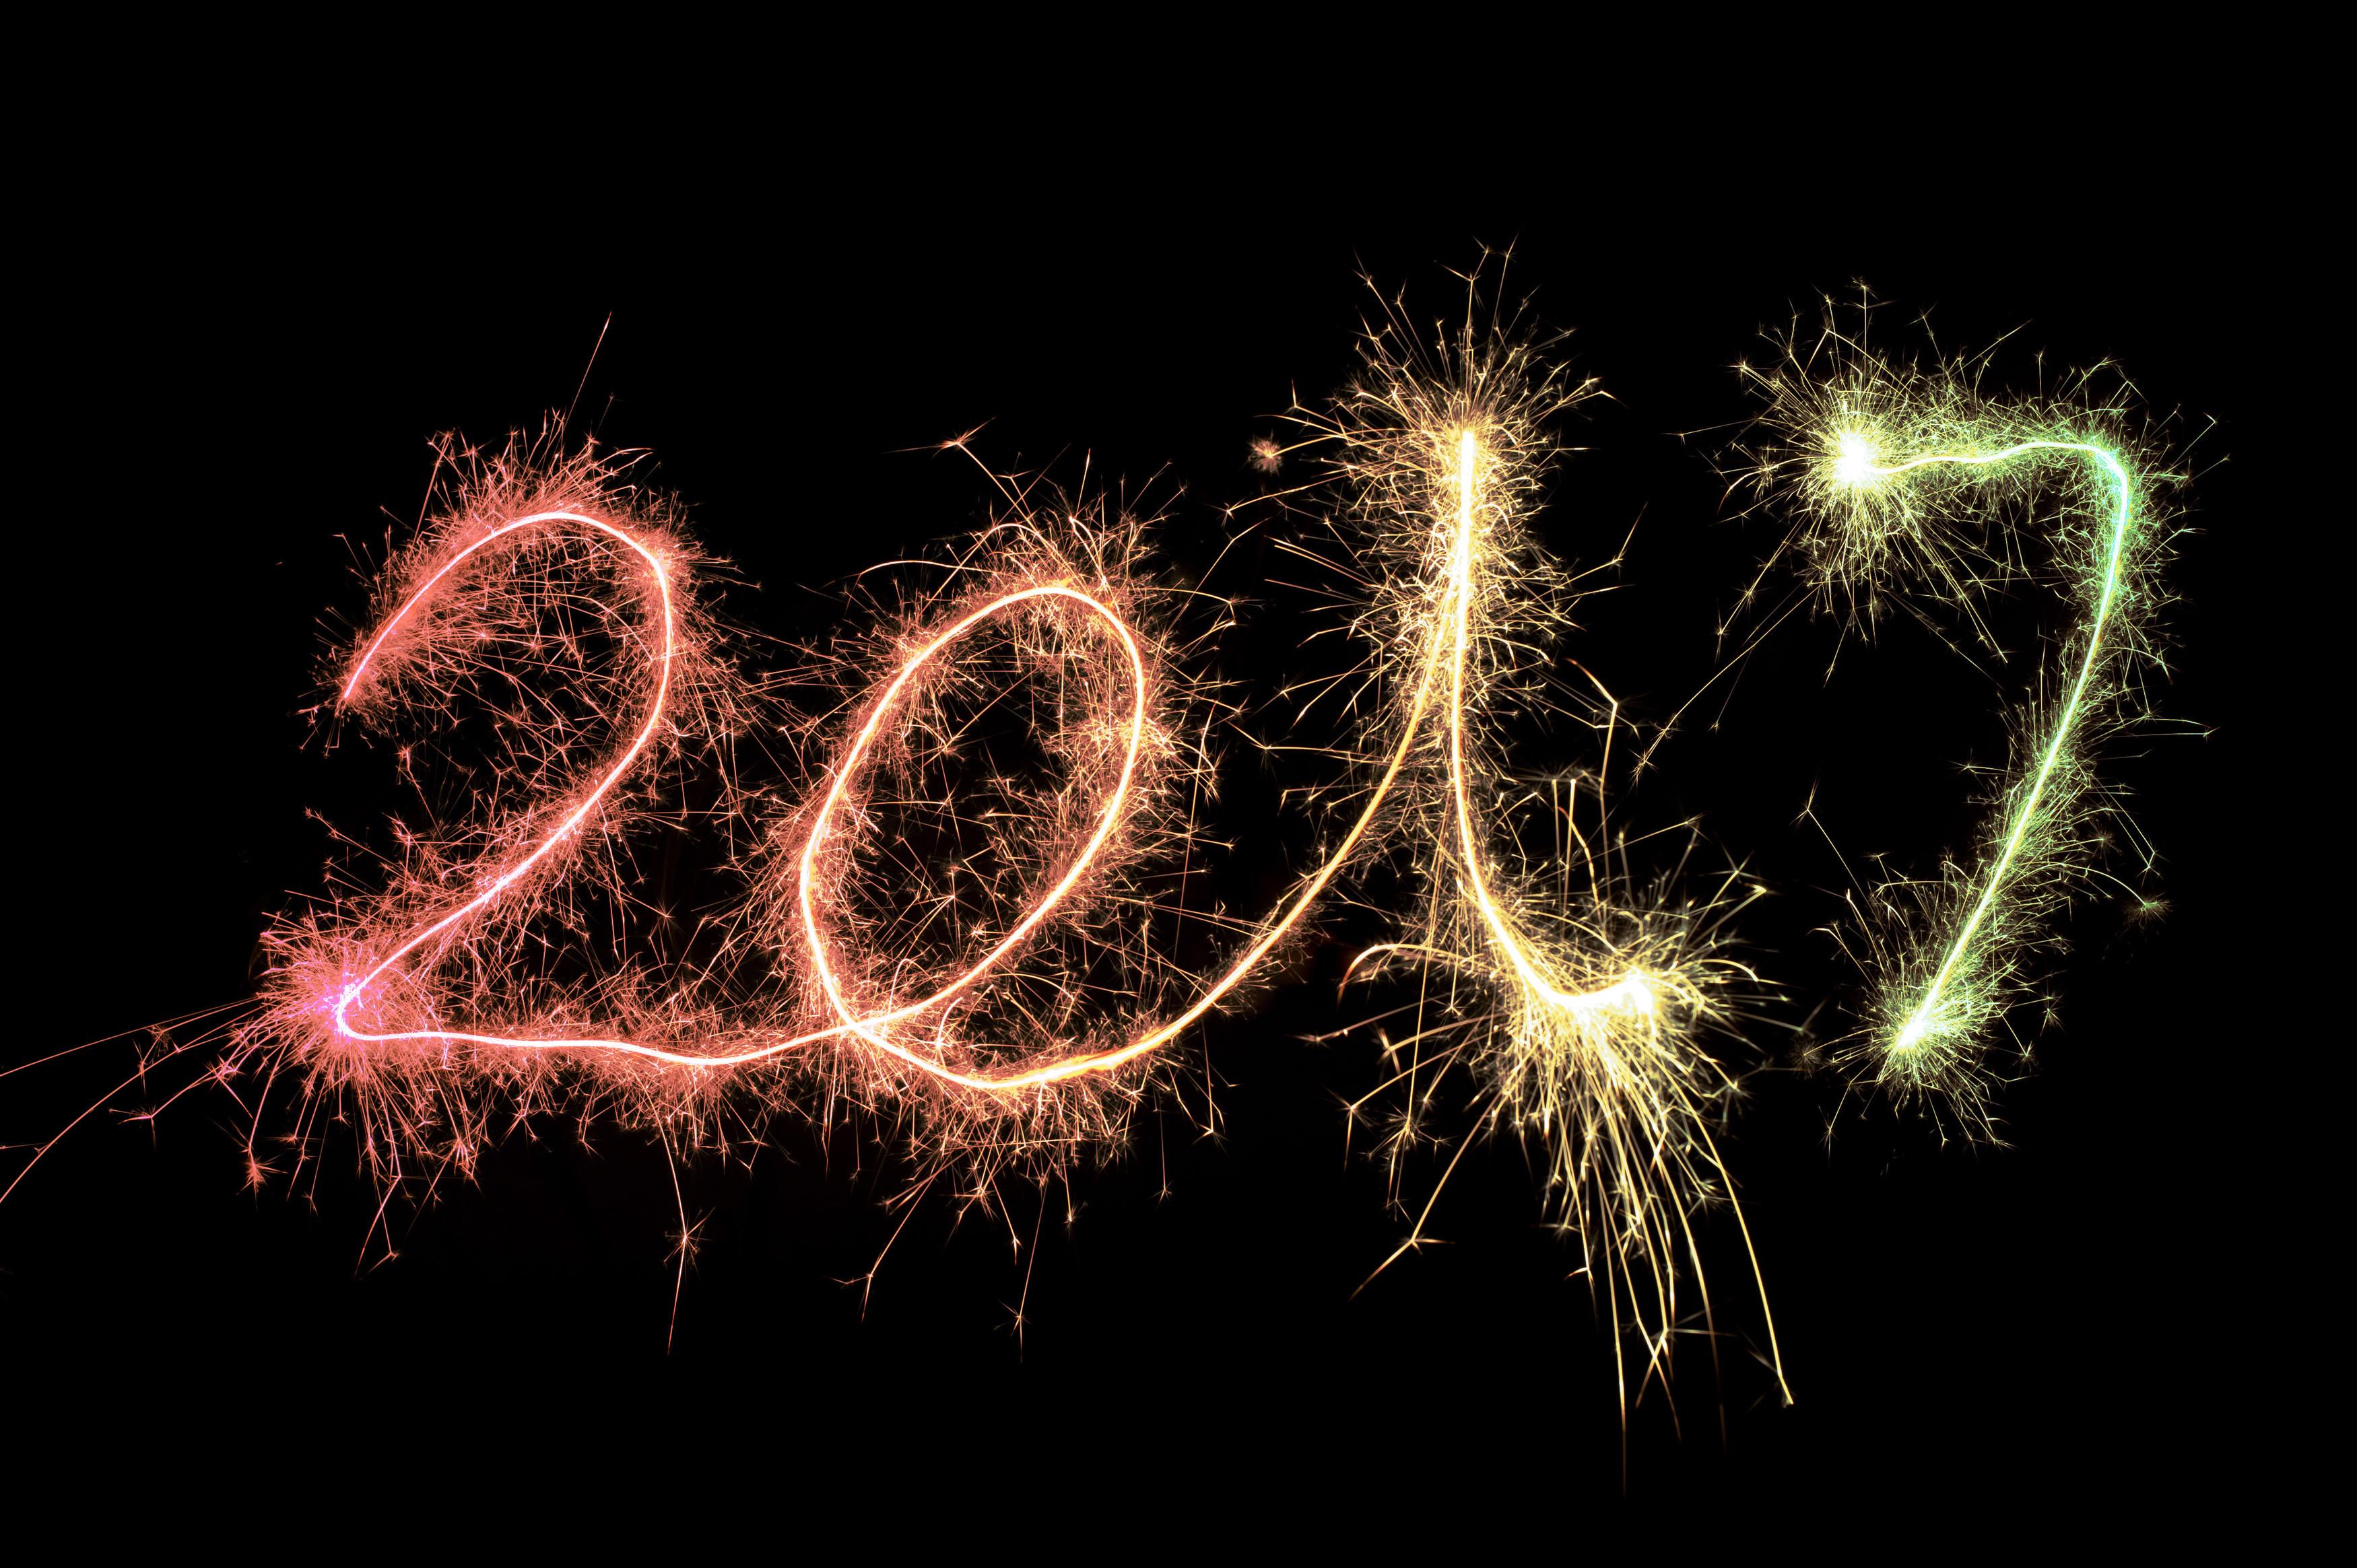 Новогодние фоны, Новогодний фон, Новогодние обои